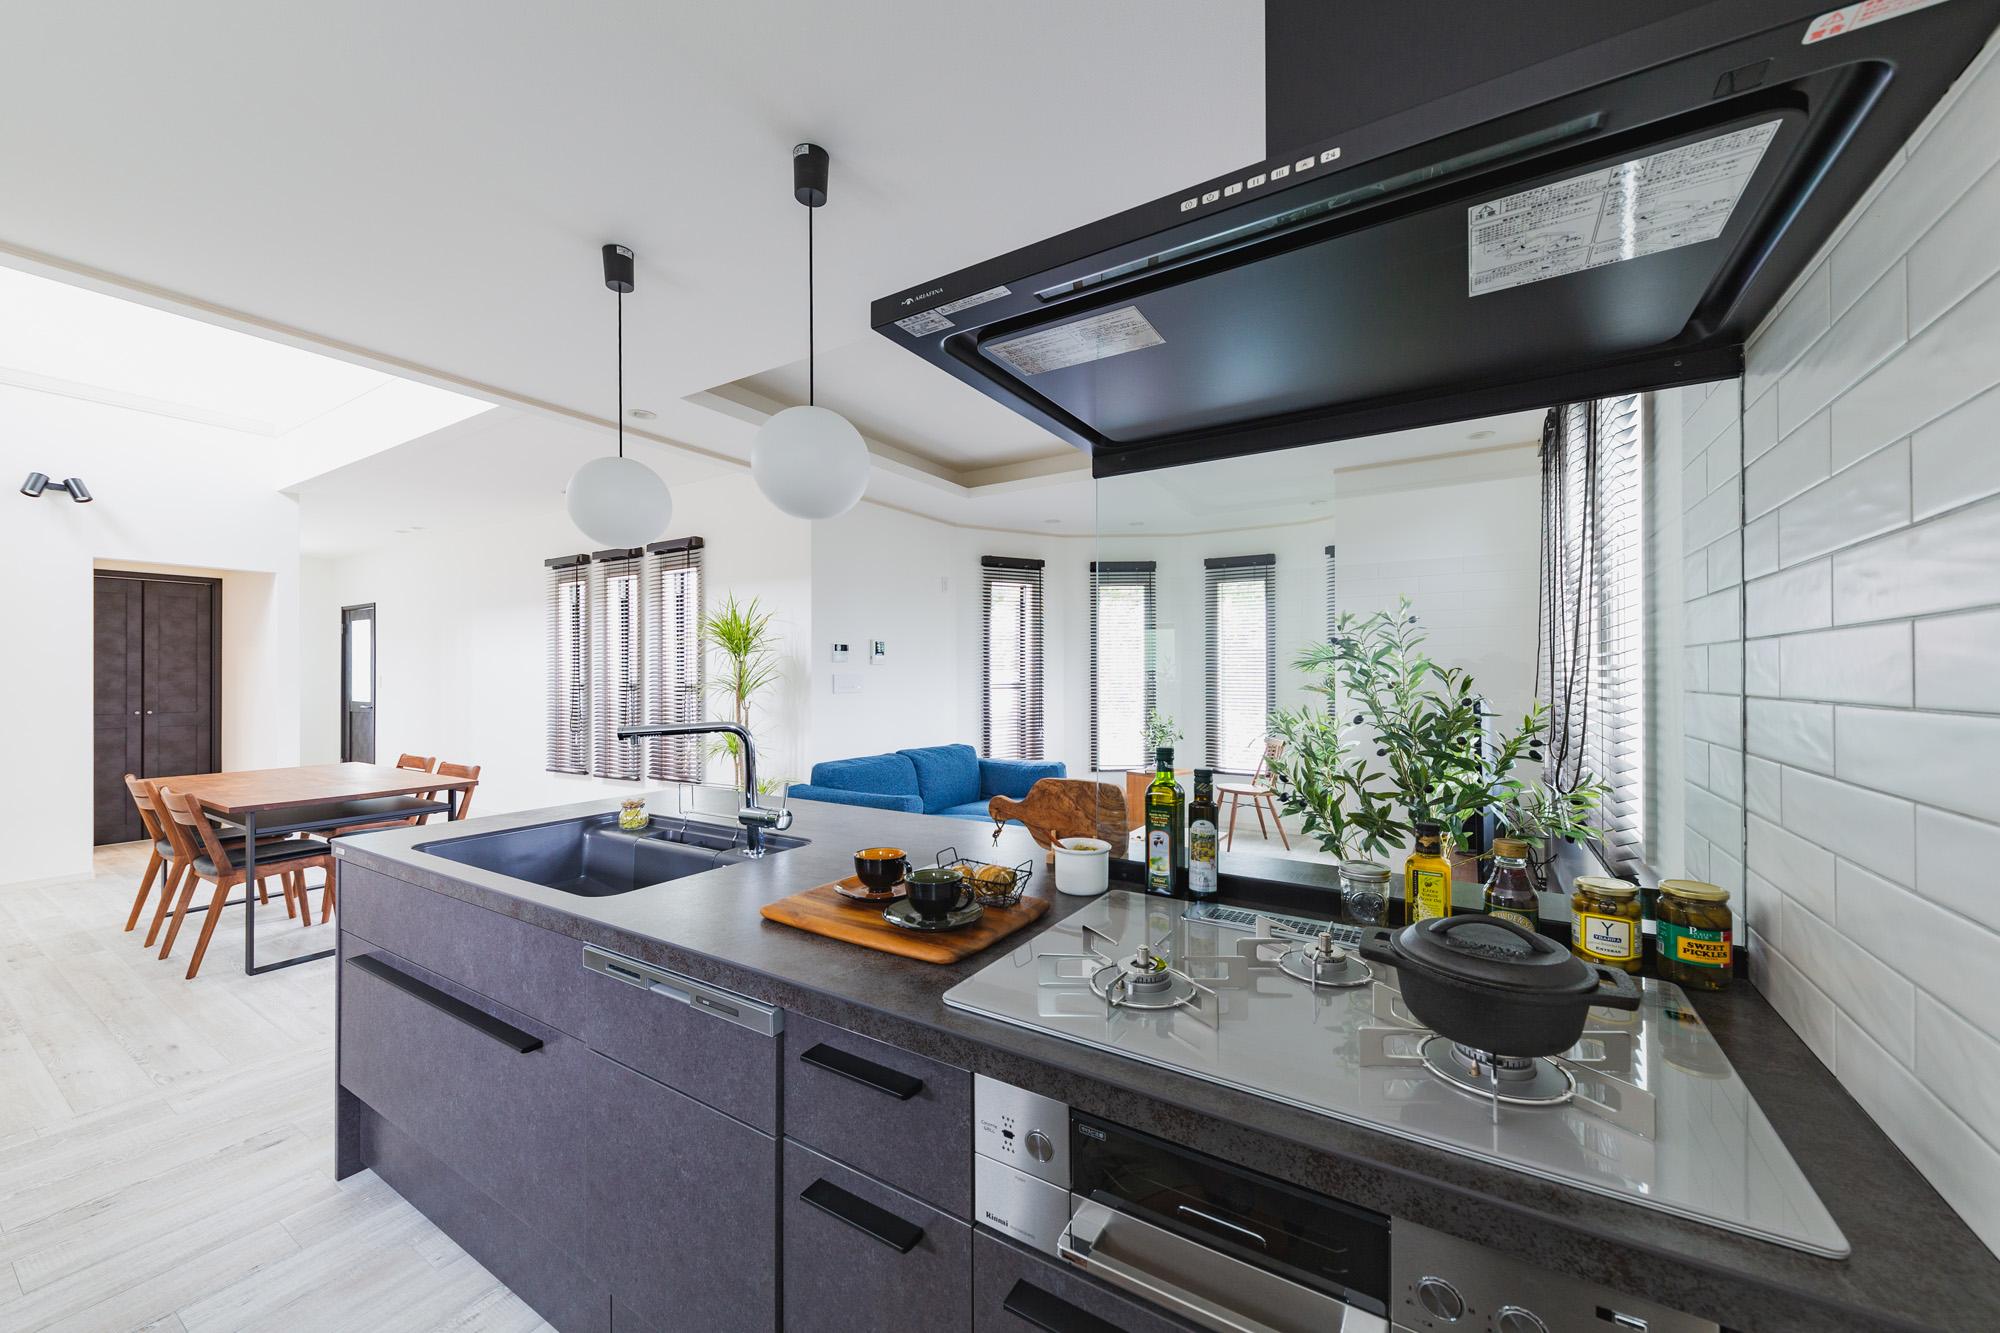 L字に配置されたLDKはキッチンを中心にリビングダイニングを近い距離感につなげます。